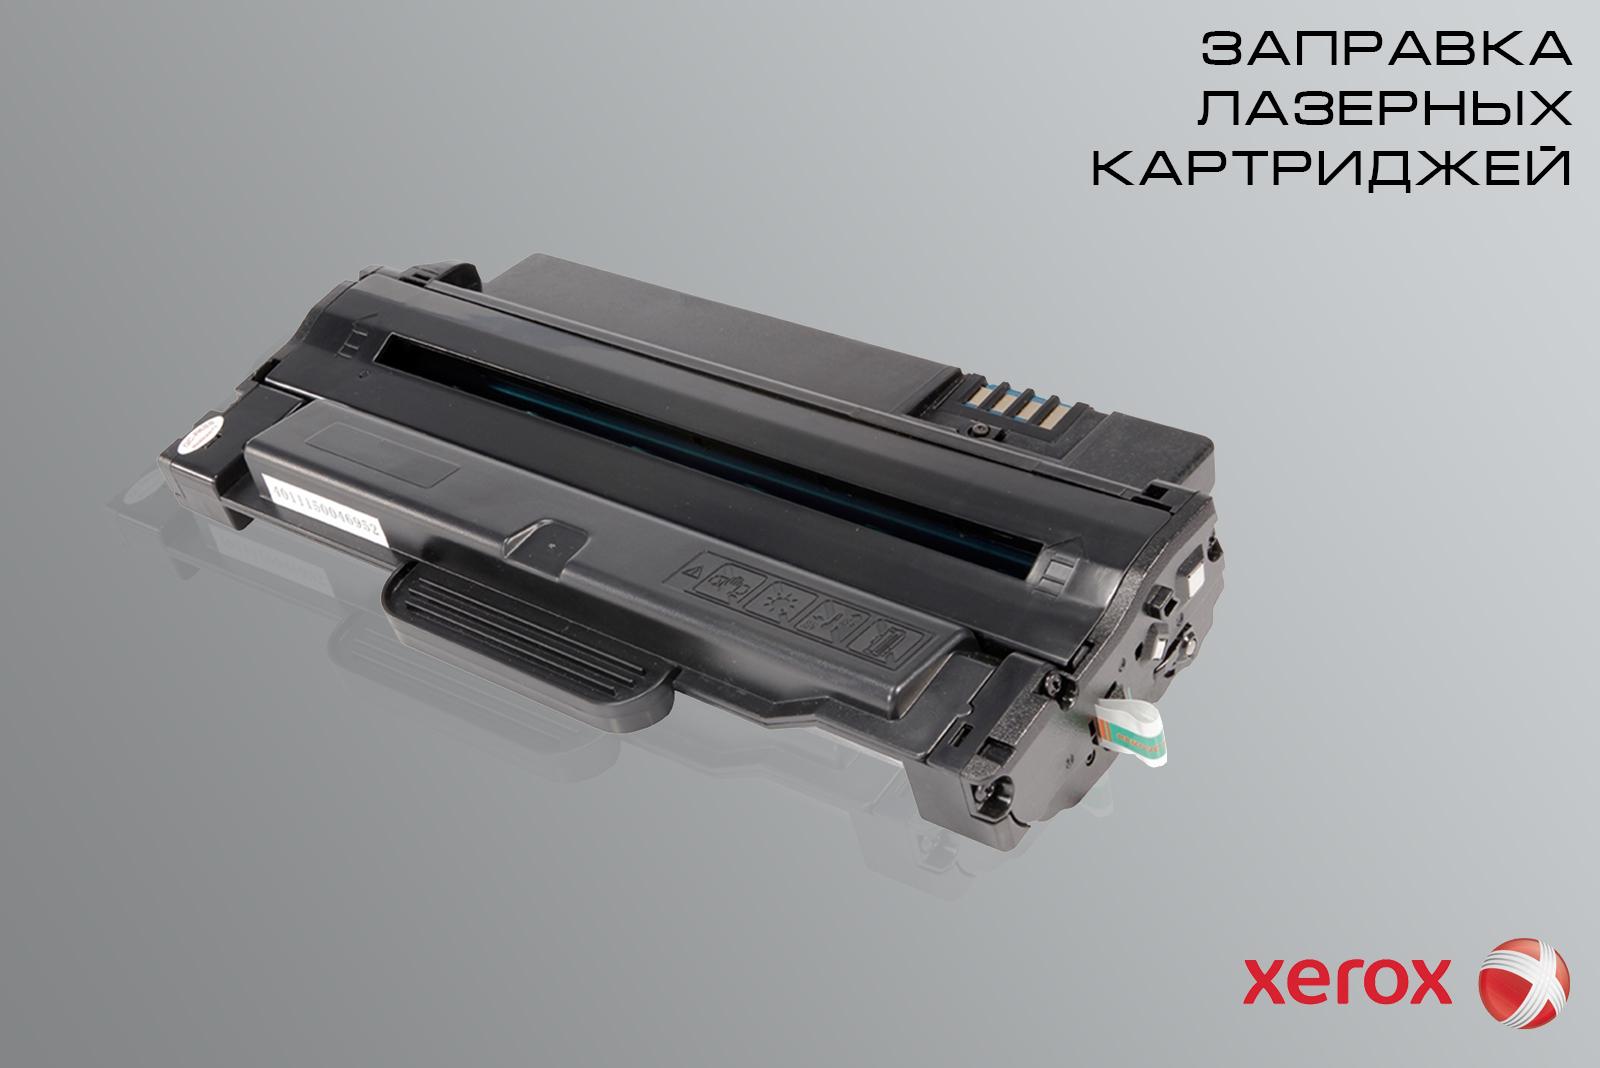 Умные решения - Заправка лазерных картриджей Xerox Борисов